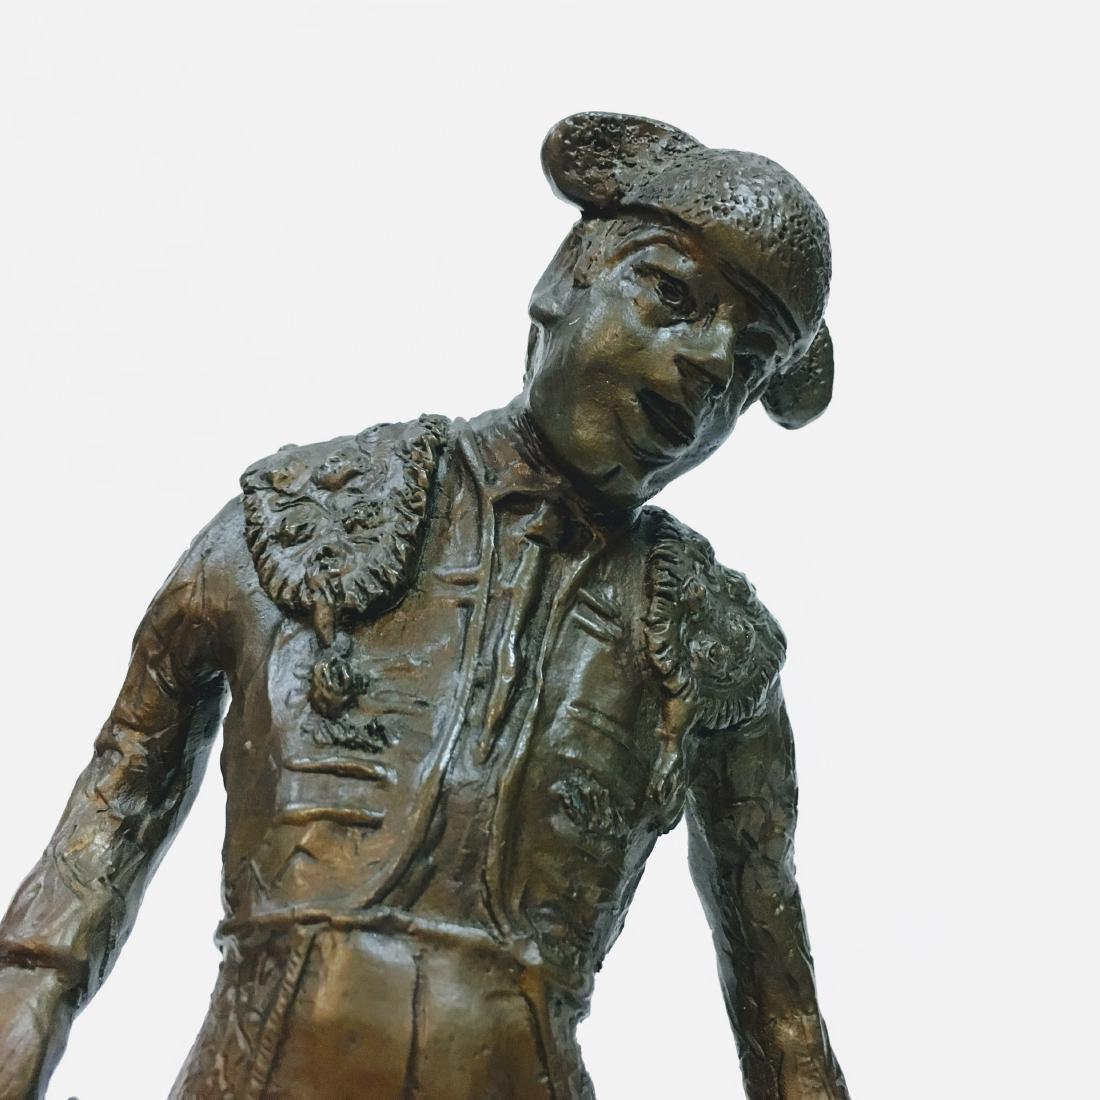 Vintage Bronze Torrero Sculpture on marble base Signed - 5